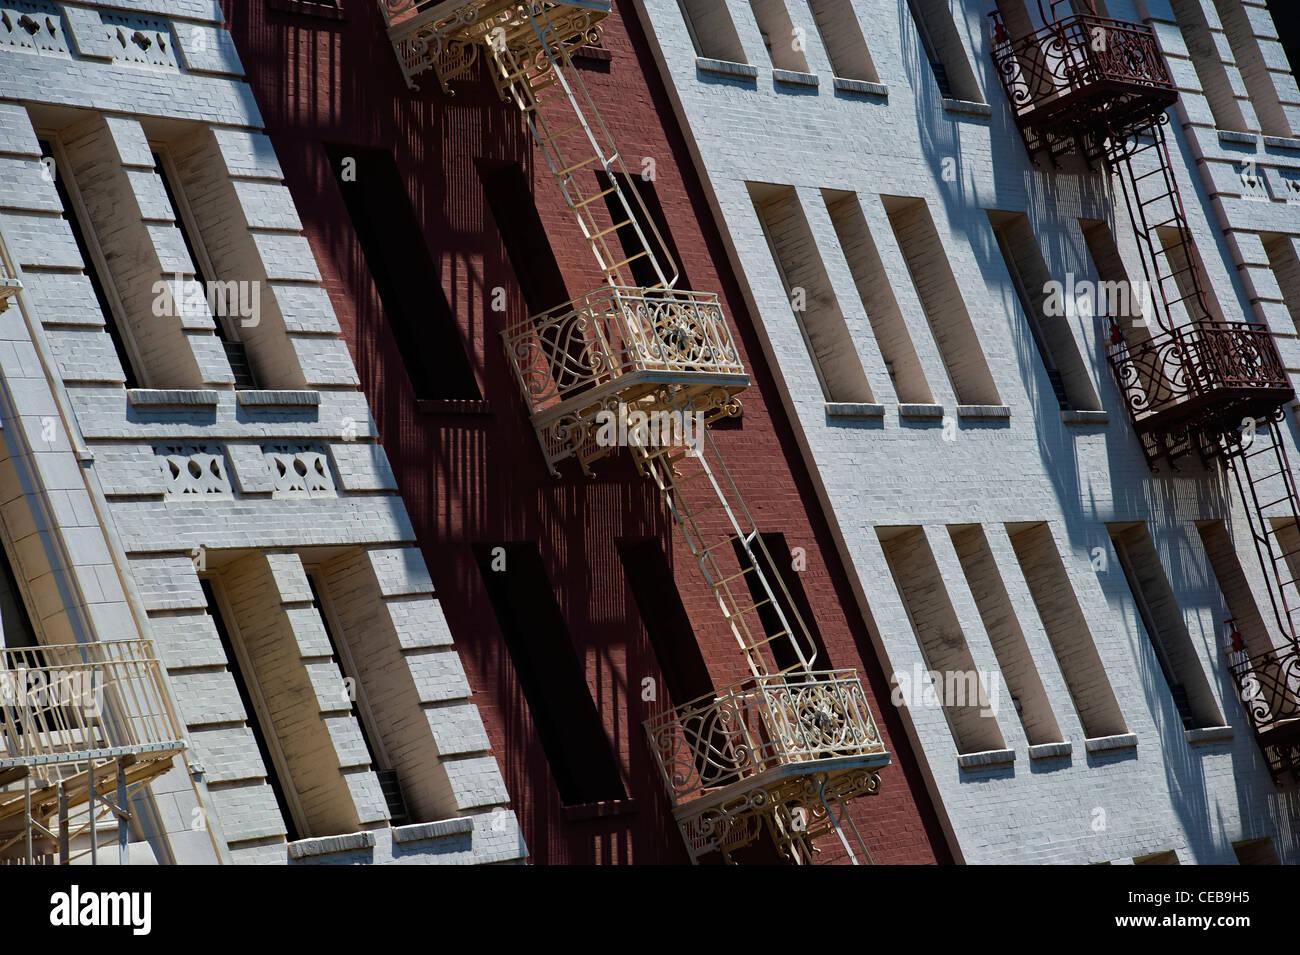 Fire escapes on a building facade. Downtown San Francisco, California. - Stock Image